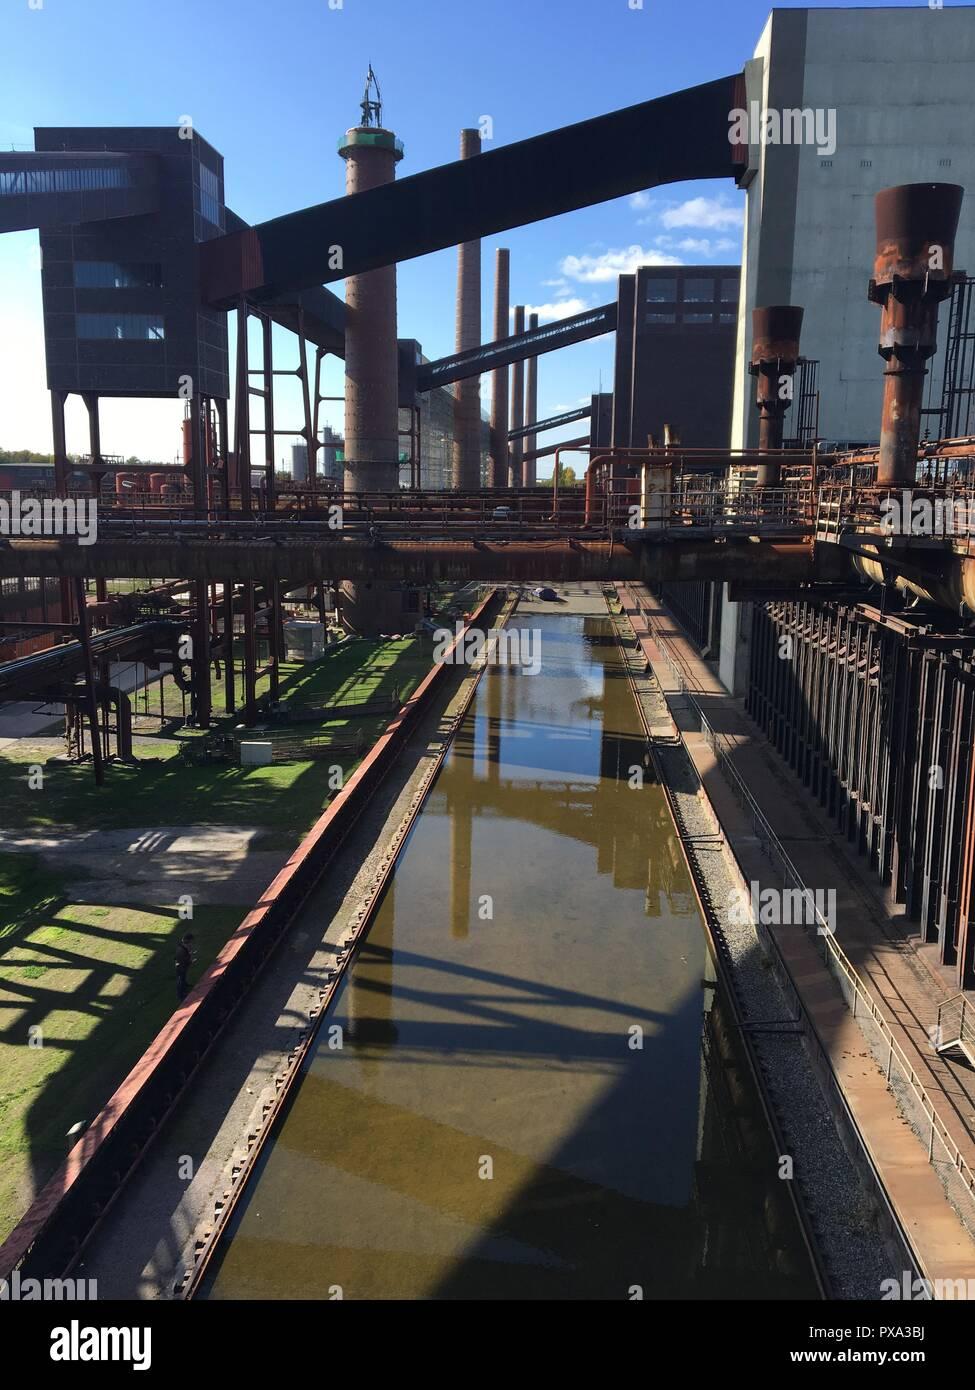 Zollverein Coal Mine Industrial Complex in Essen, Germany: the kokerei - Stock Image